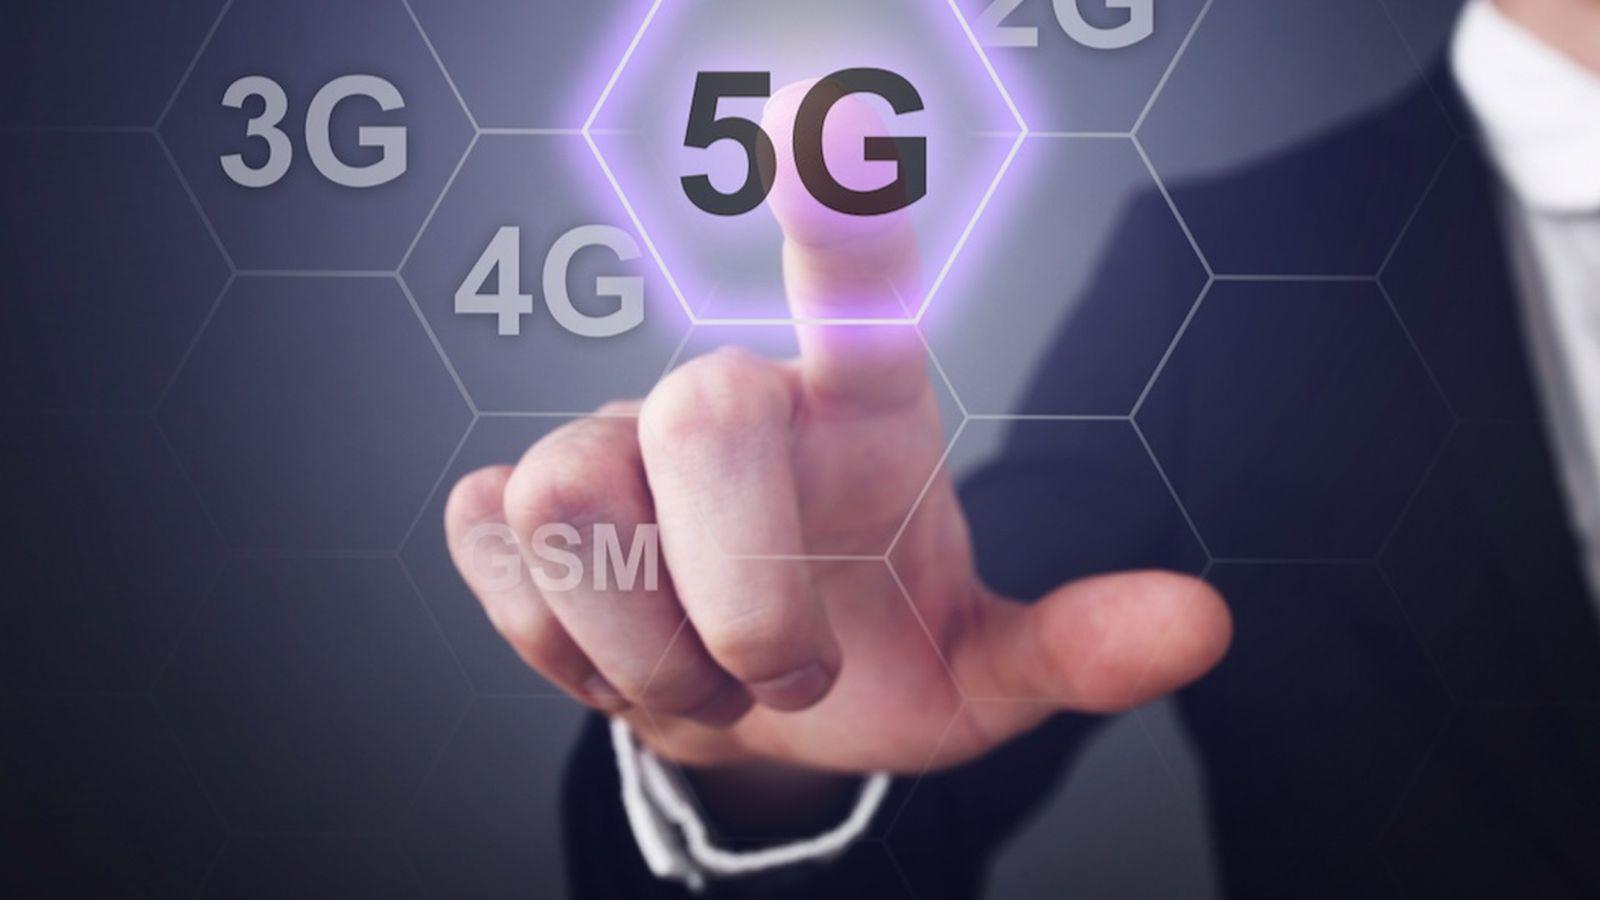 Стало известно, когда начнутся тестирования технологии 5G